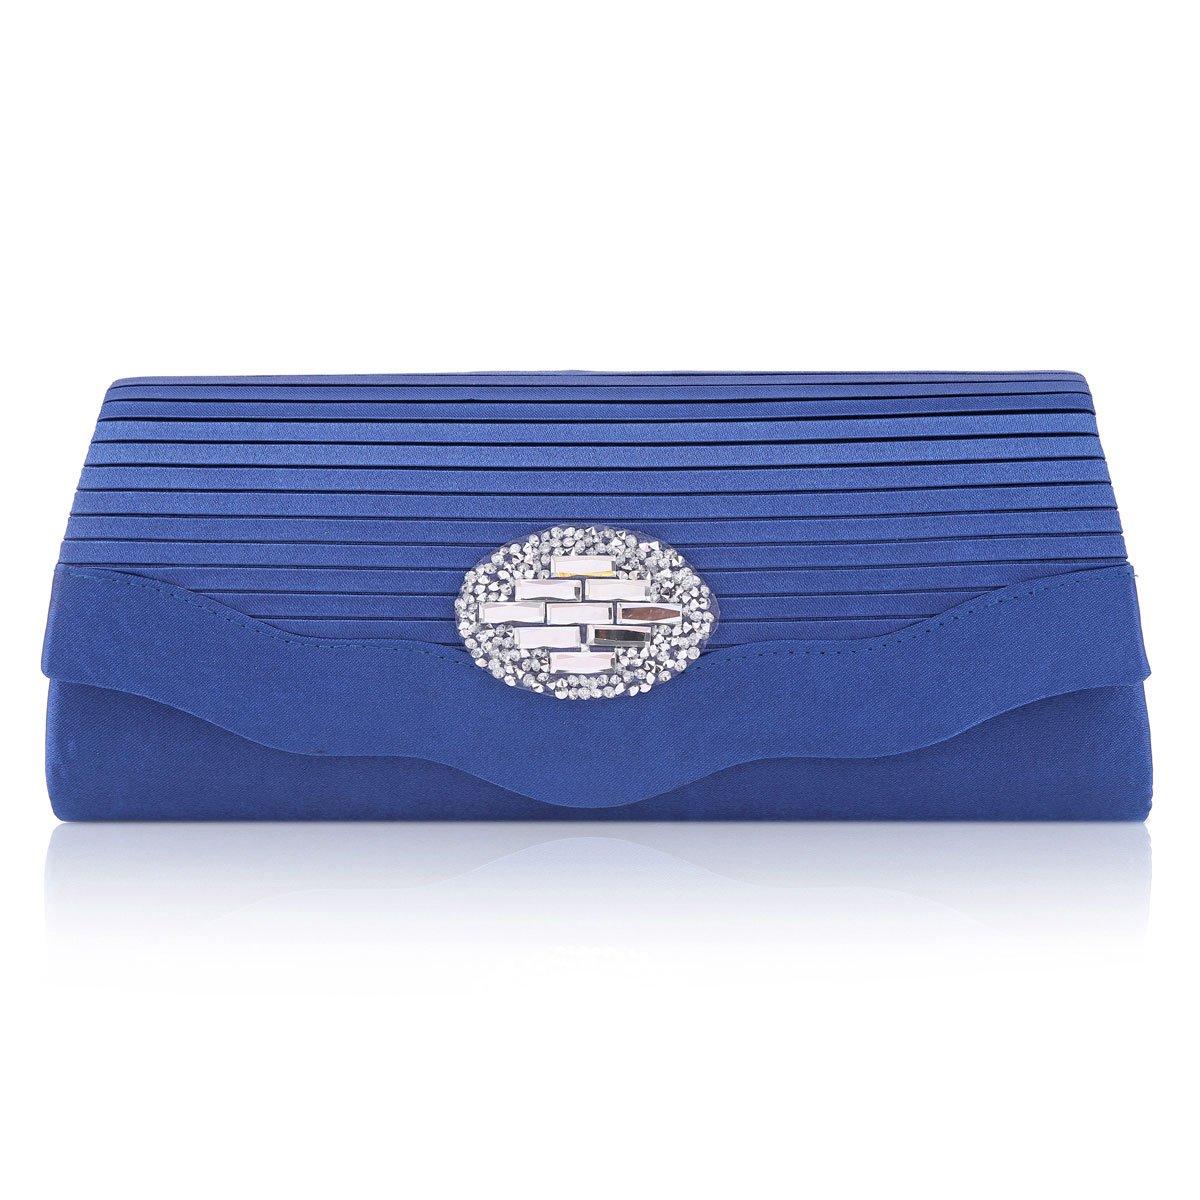 Damara Chic Boda Cartera De Fiesta Bolso De Mano para Mujer Bolso De Teléfono,Azul: Amazon.es: Equipaje